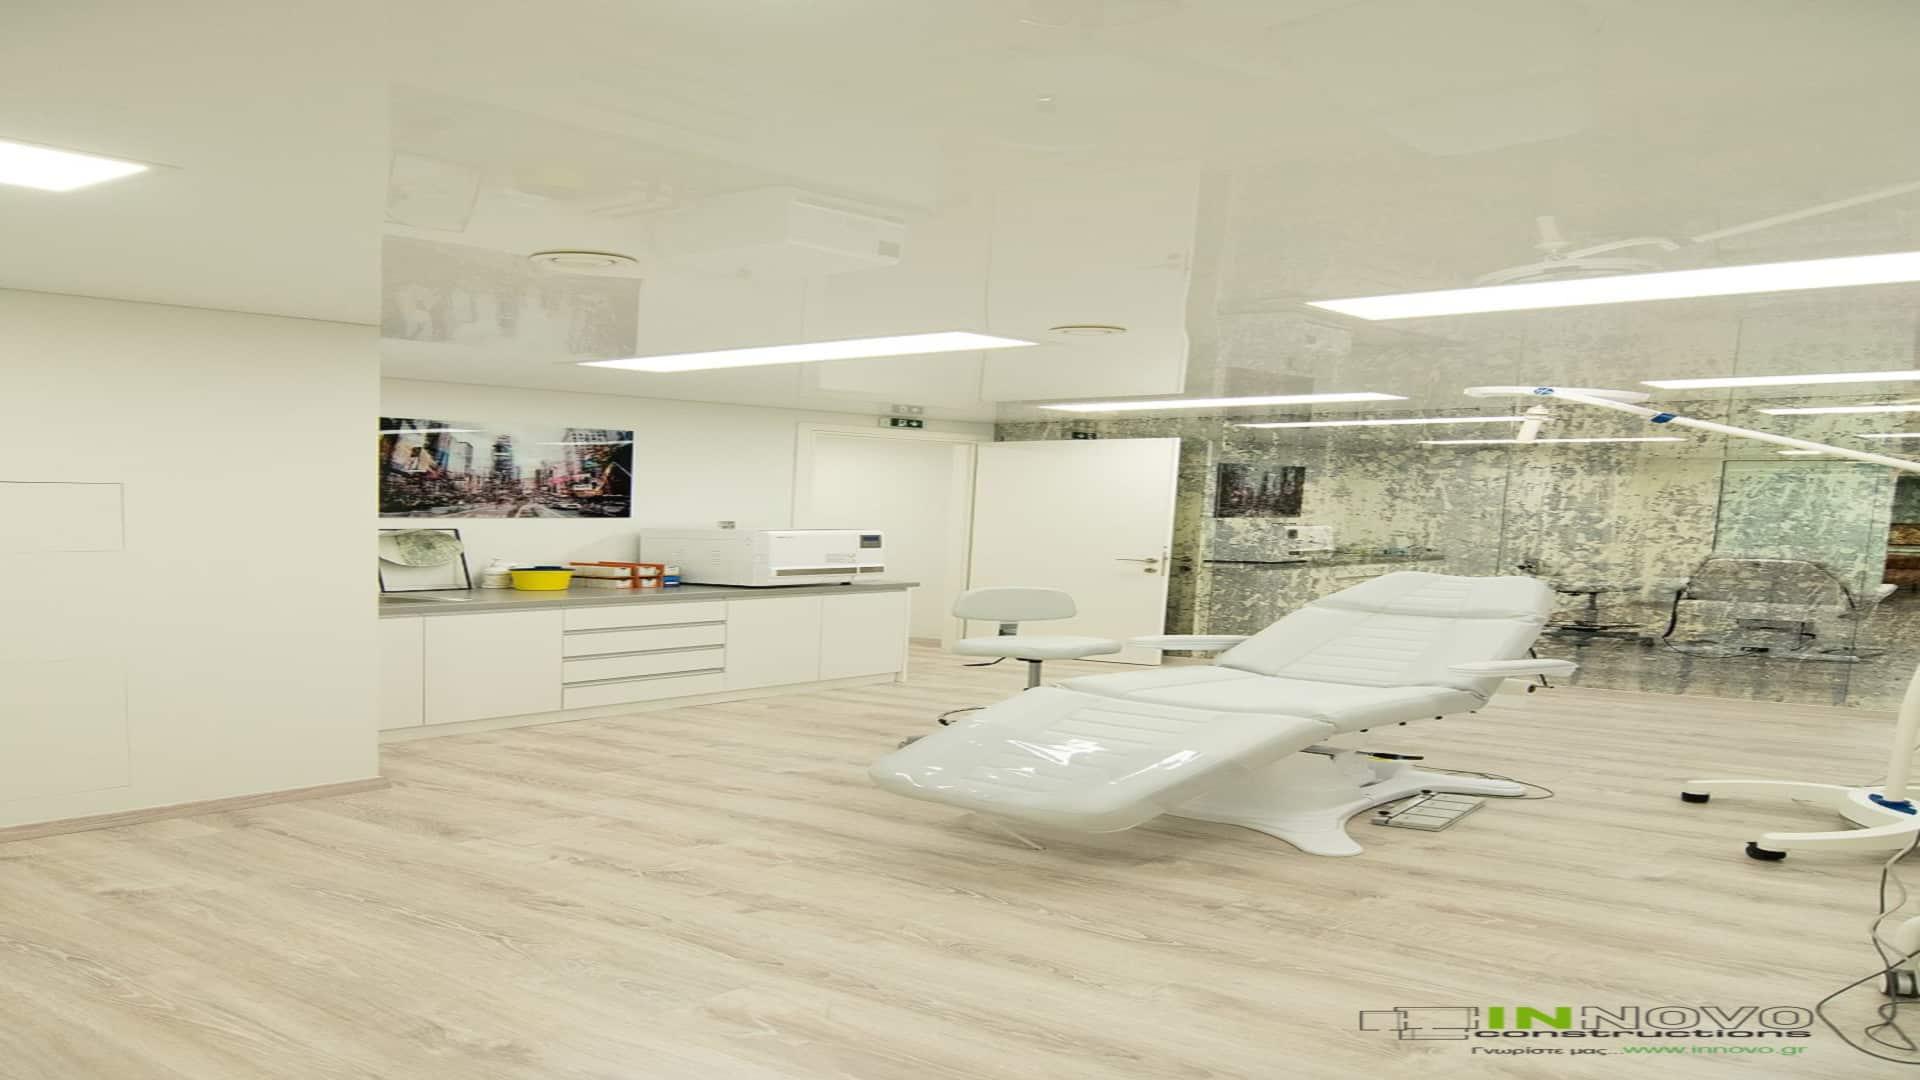 Σχεδιασμός κατασκευής ιατρείου πλαστικού χειρουργού στο Μαρούσι